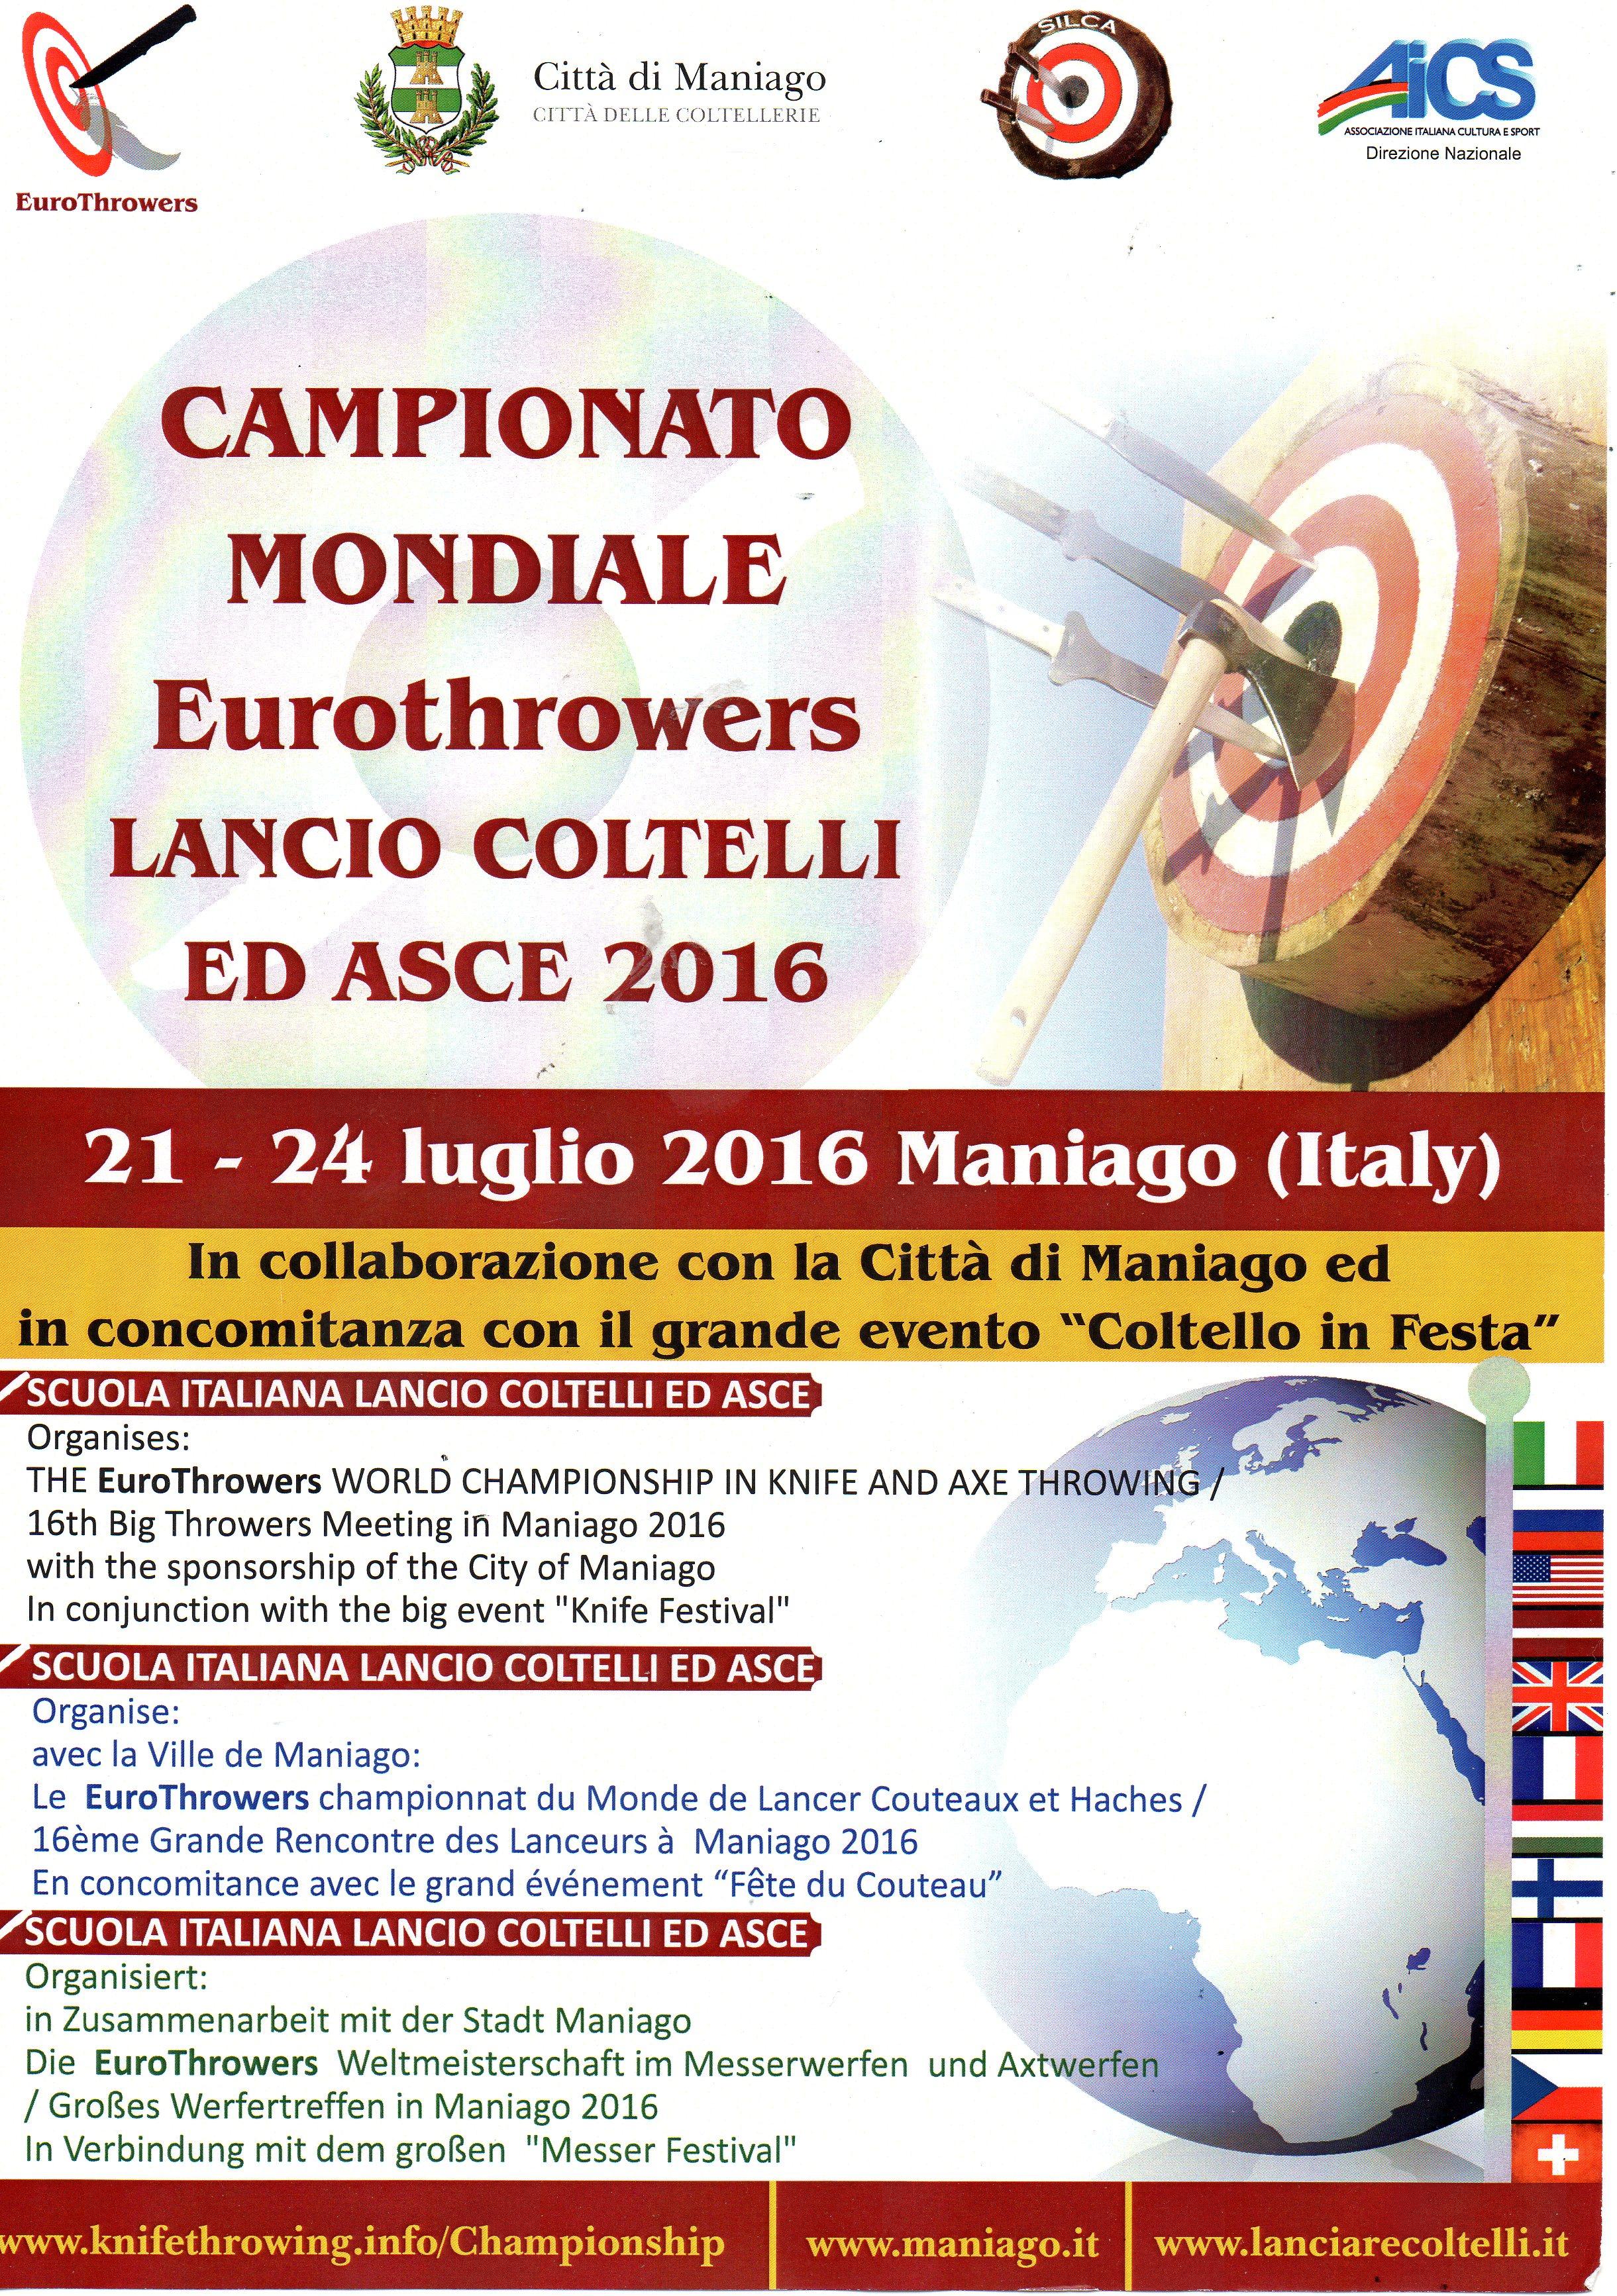 Campionato Mondiale Eurothrowers – Lancio Coltelli ed asce 2016